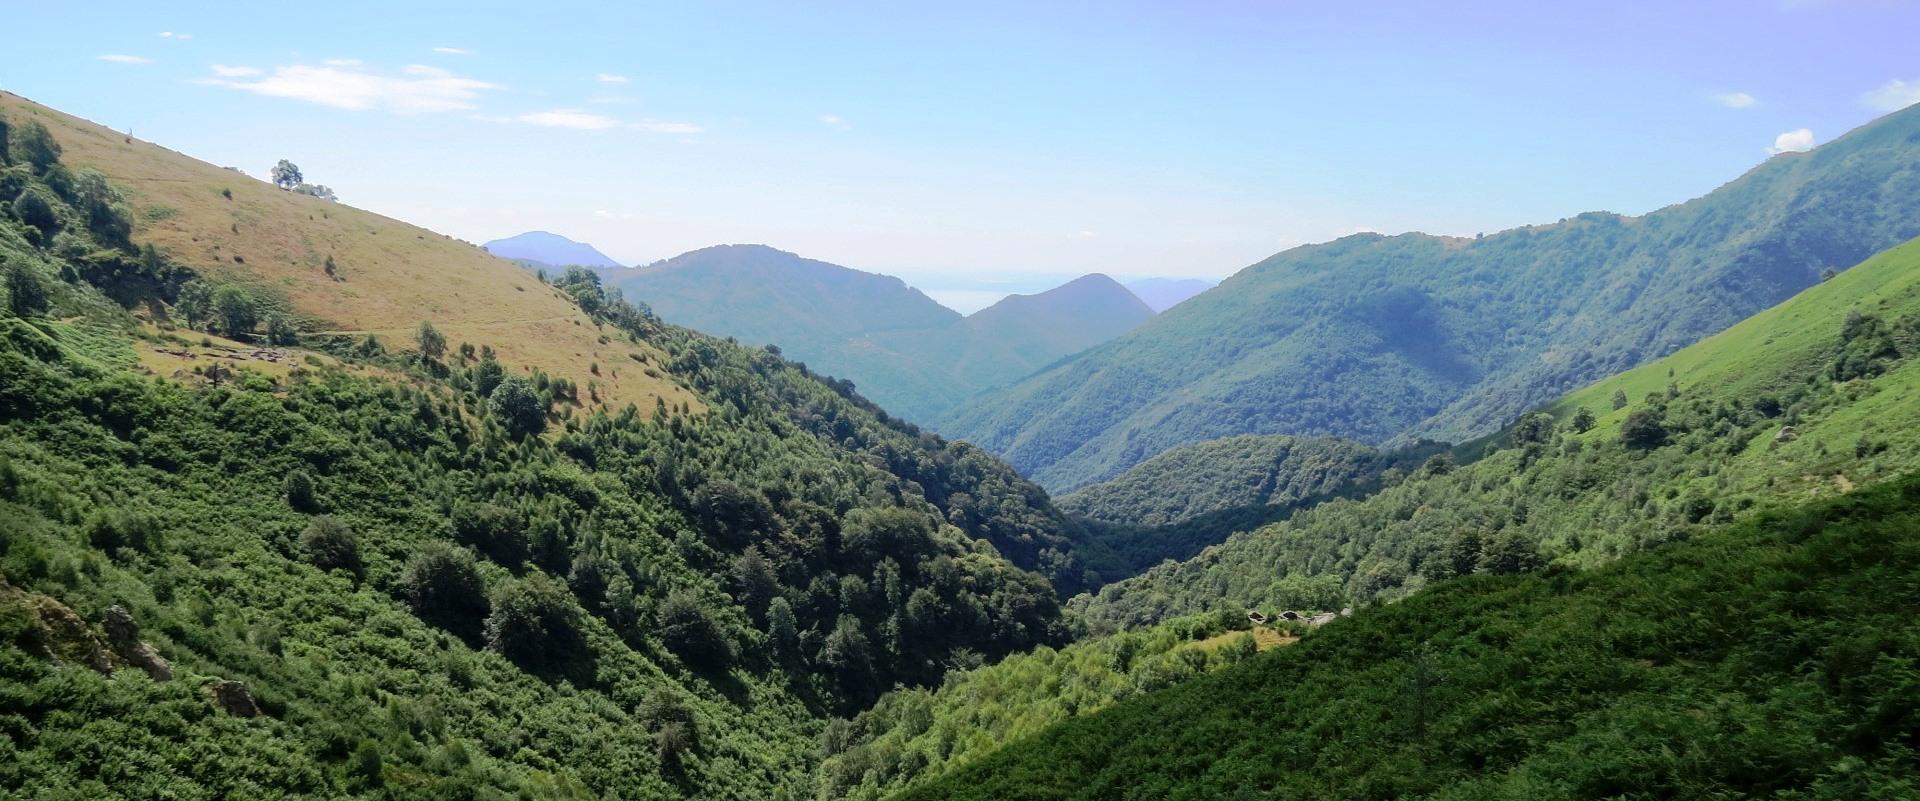 Eine Wanderung am nordöstlichen Rand des Nationalparks Val Grande